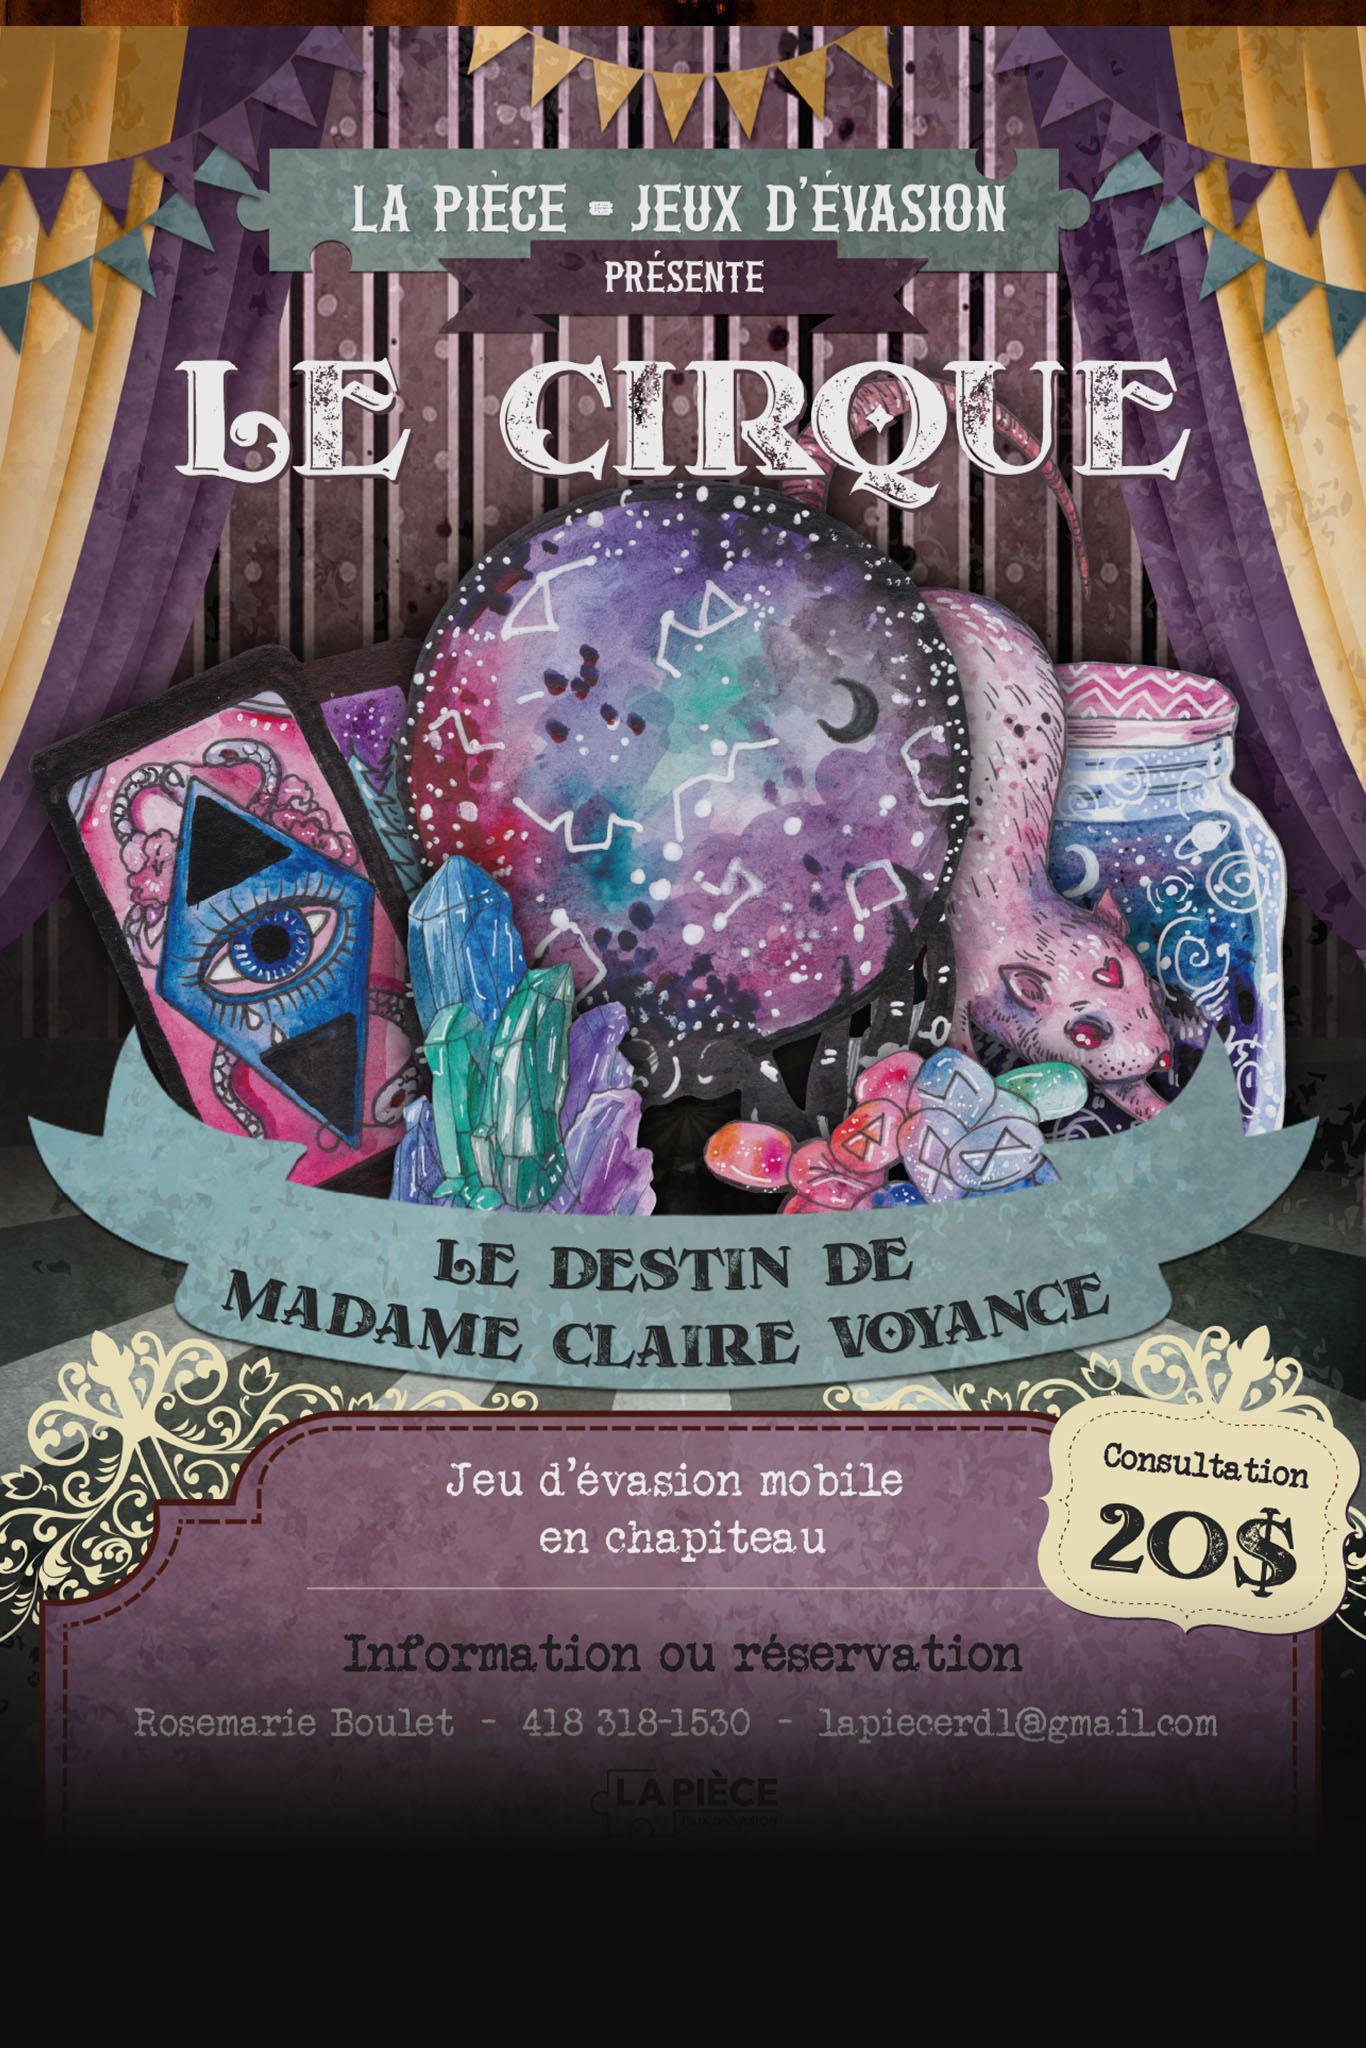 Affiche : Le destin de madame Claire Voyance